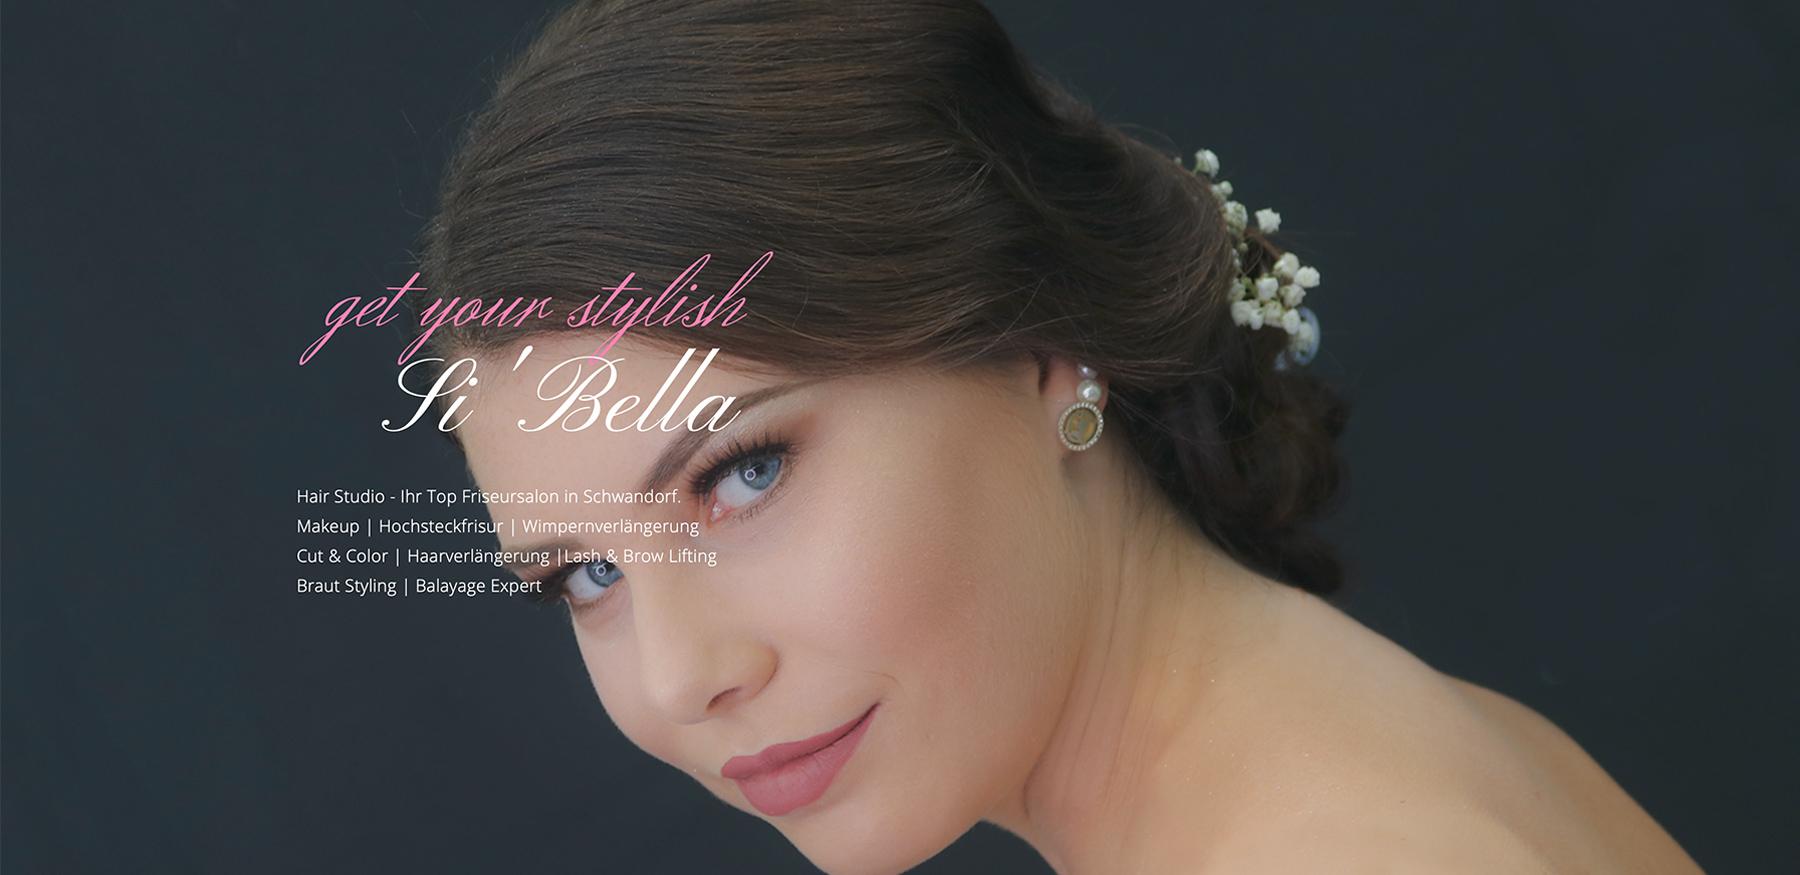 Website Si Bella Hair Studio   softintelli IT Medien